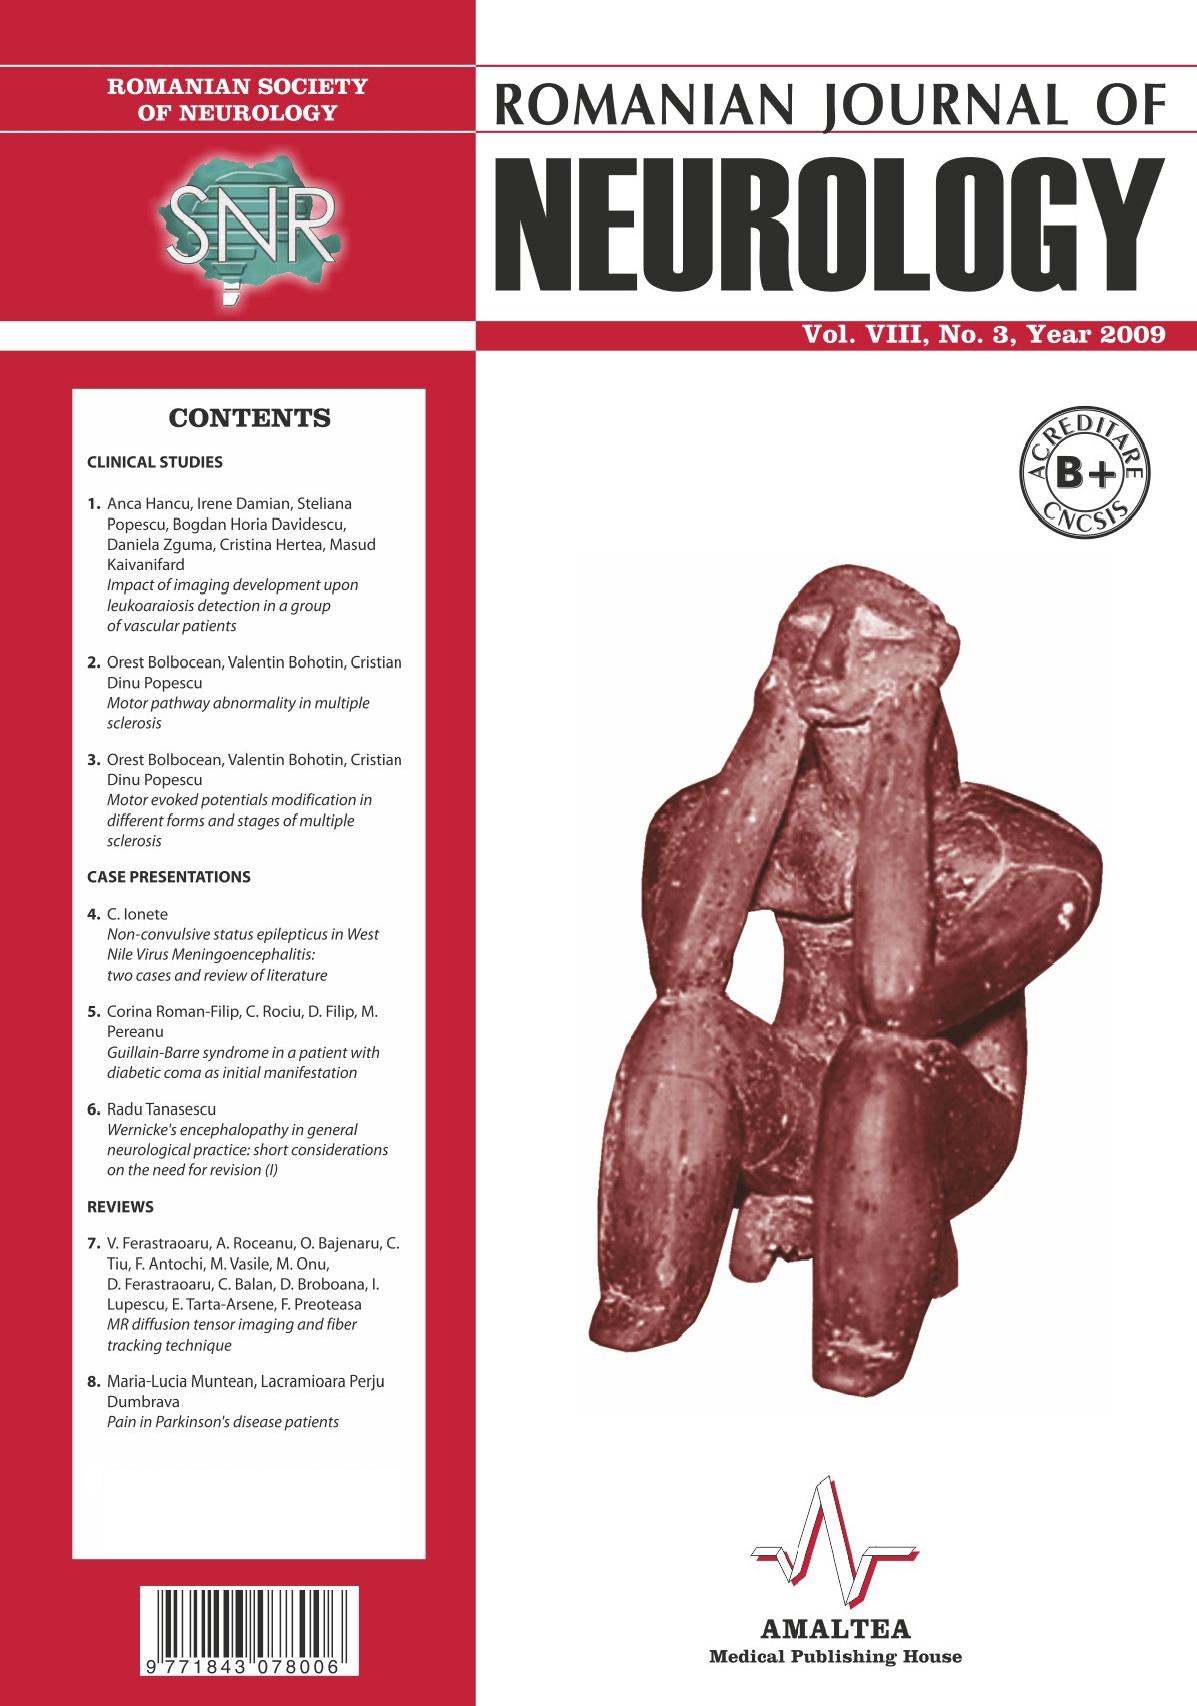 Romanian Journal of Neurology, Volume VIII, No. 3, 2009